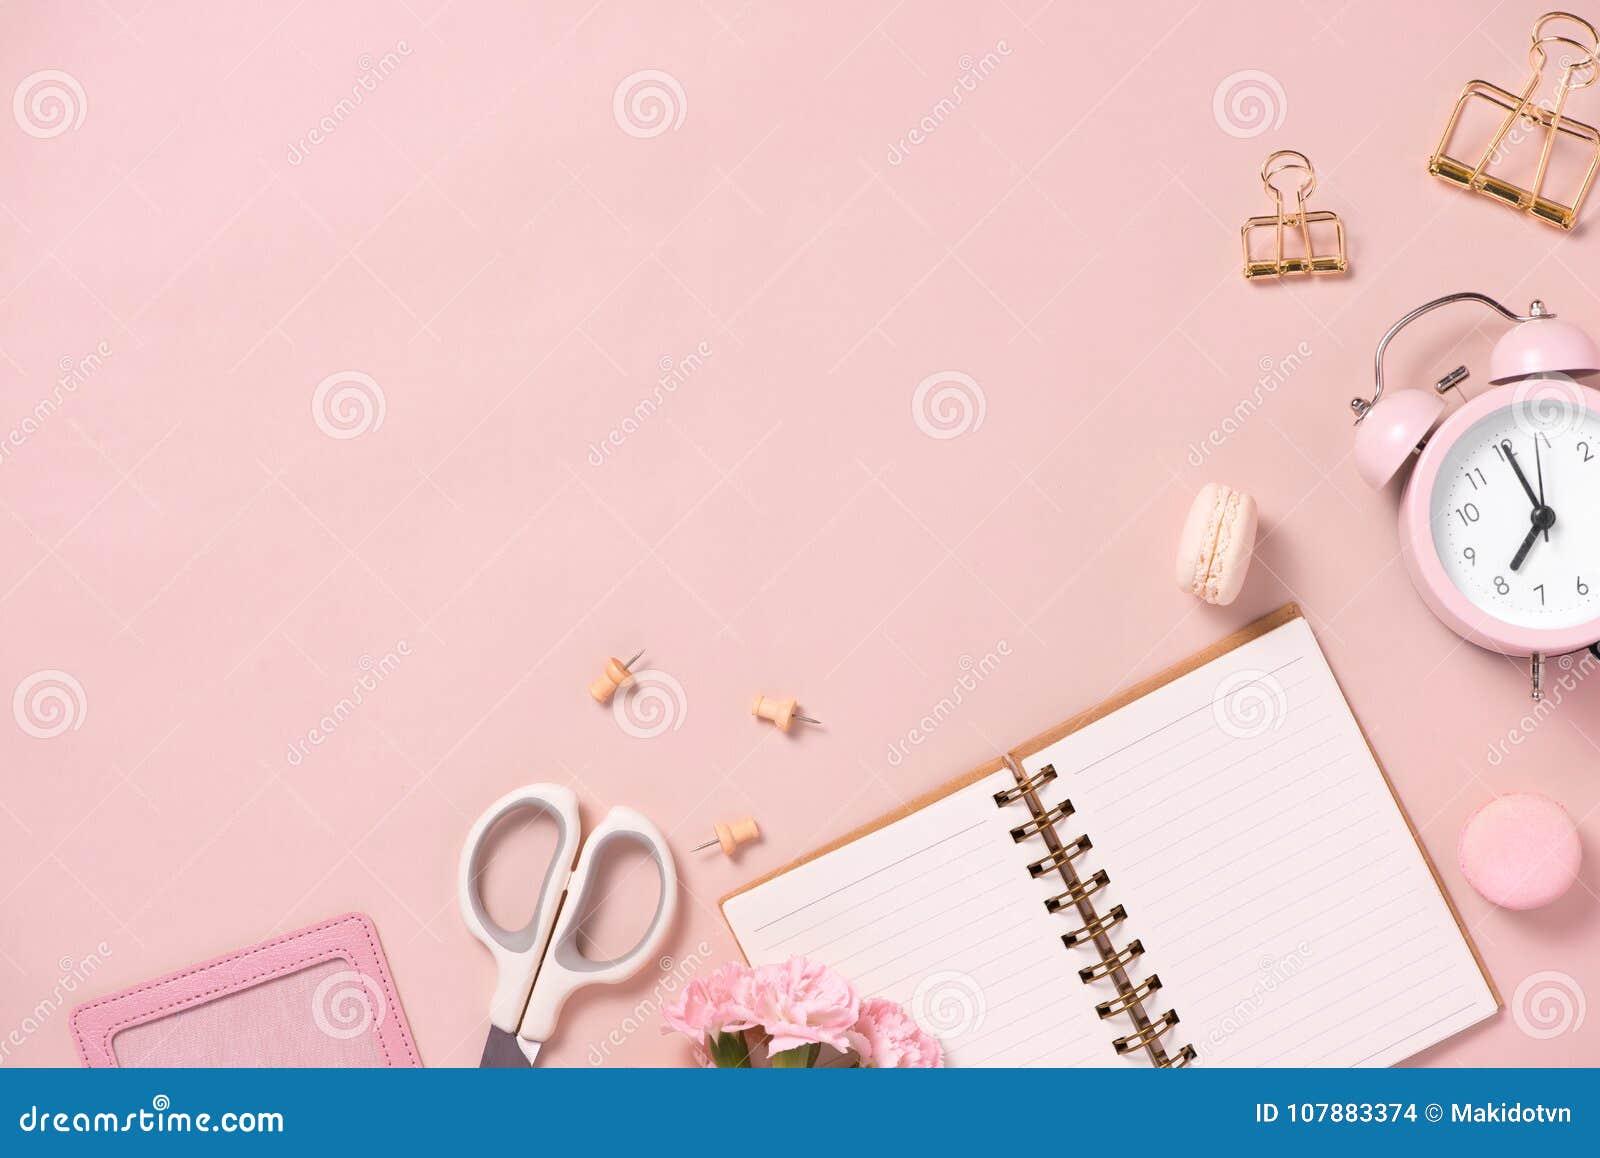 Γάμος για να κάνει τον κατάλογο με τα λουλούδια Το επίπεδο αρμόδιων για το σχεδιασμό προτύπων βρέθηκε